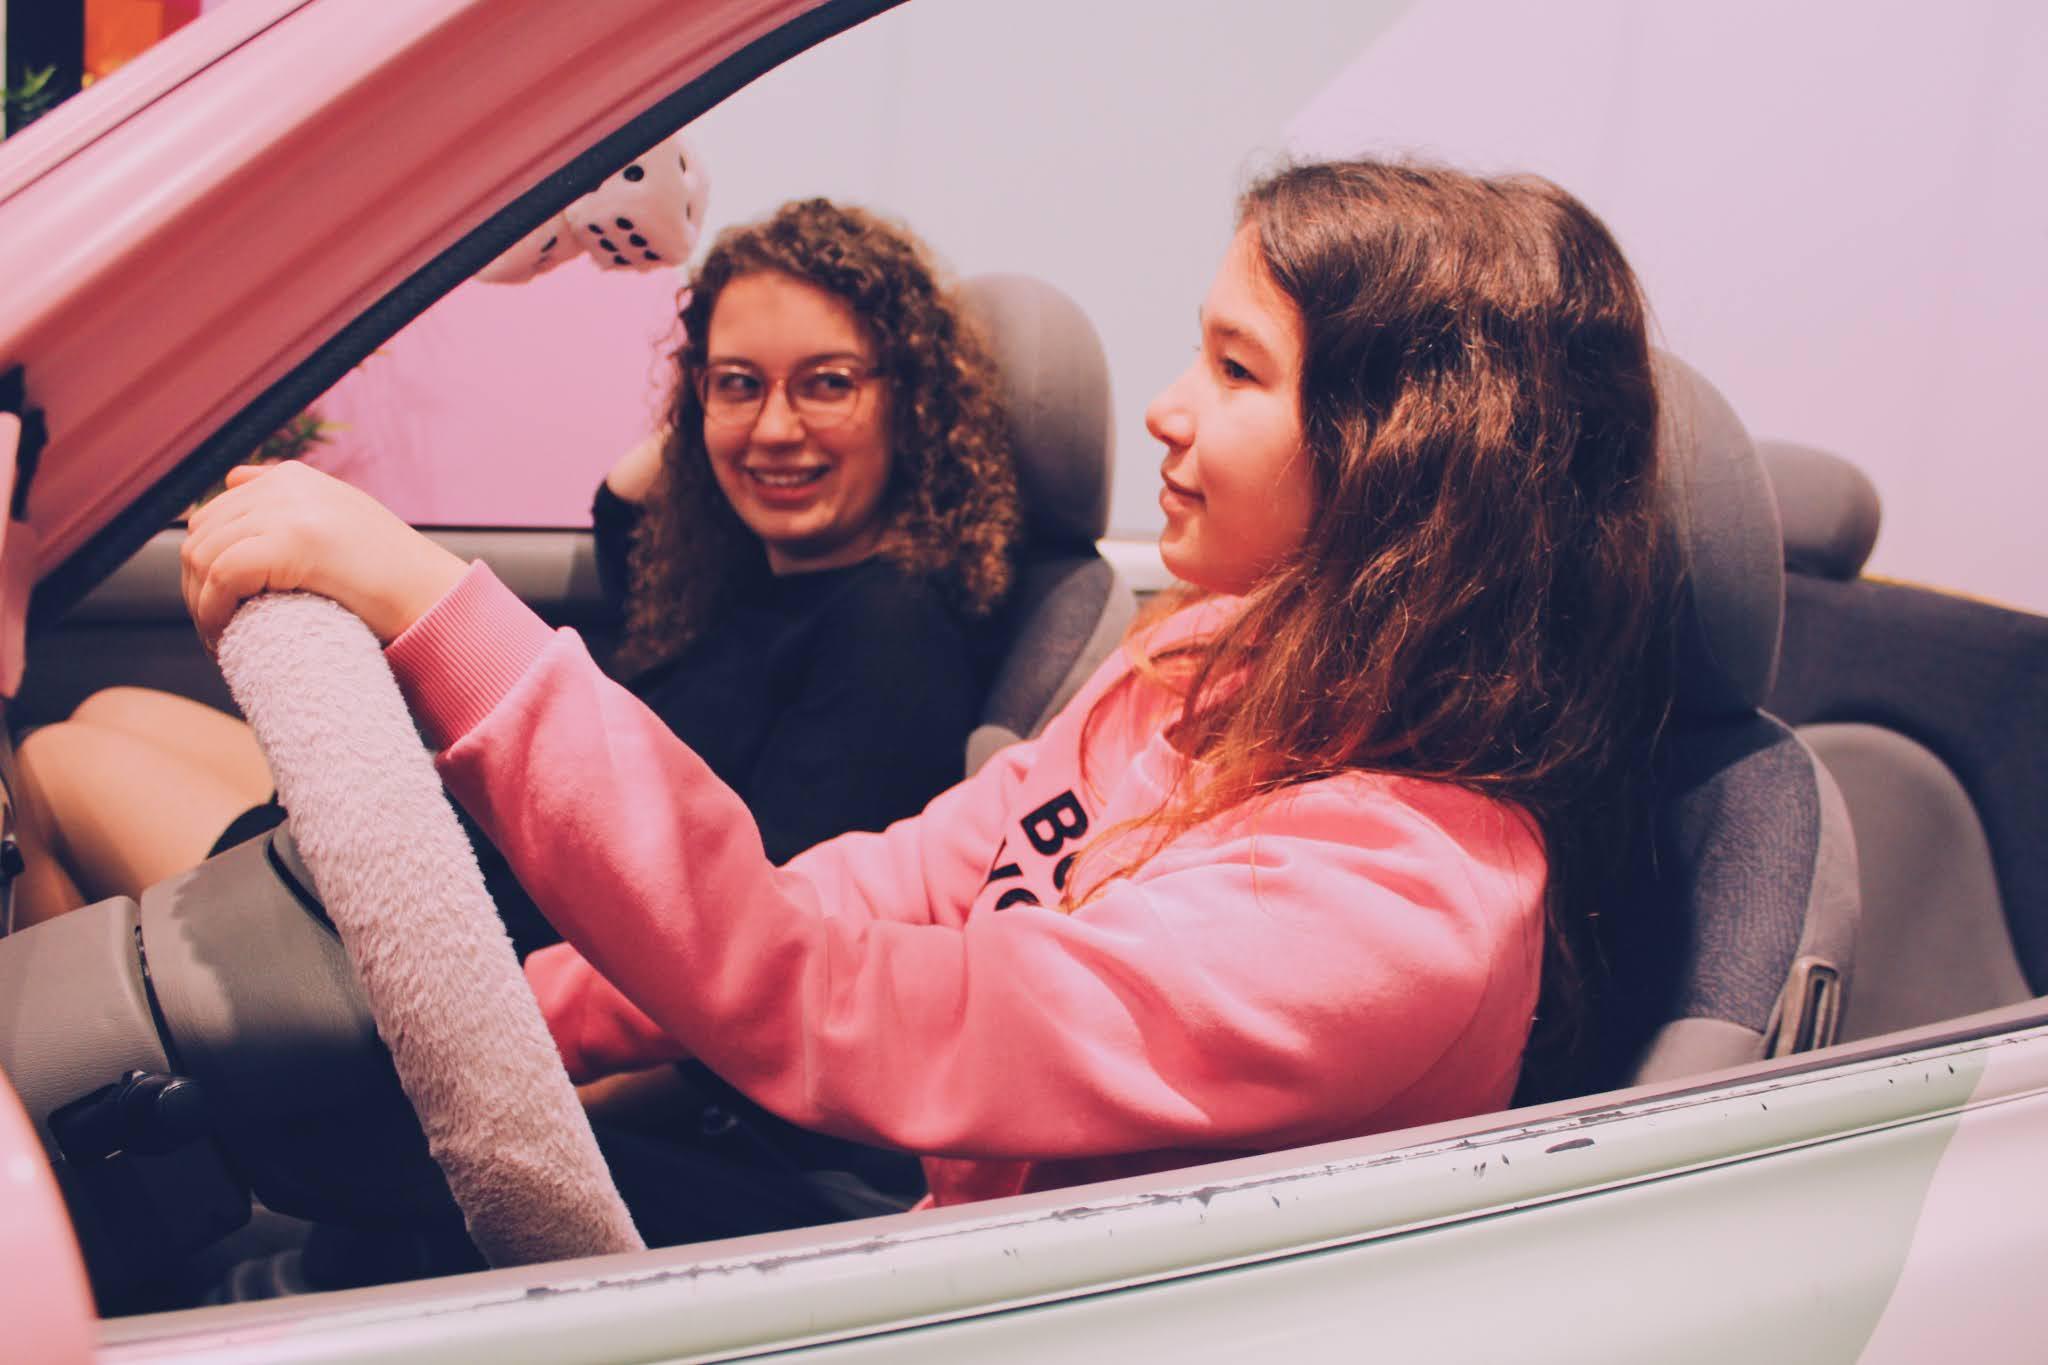 Mijn zus en ik zittend in een roze auto